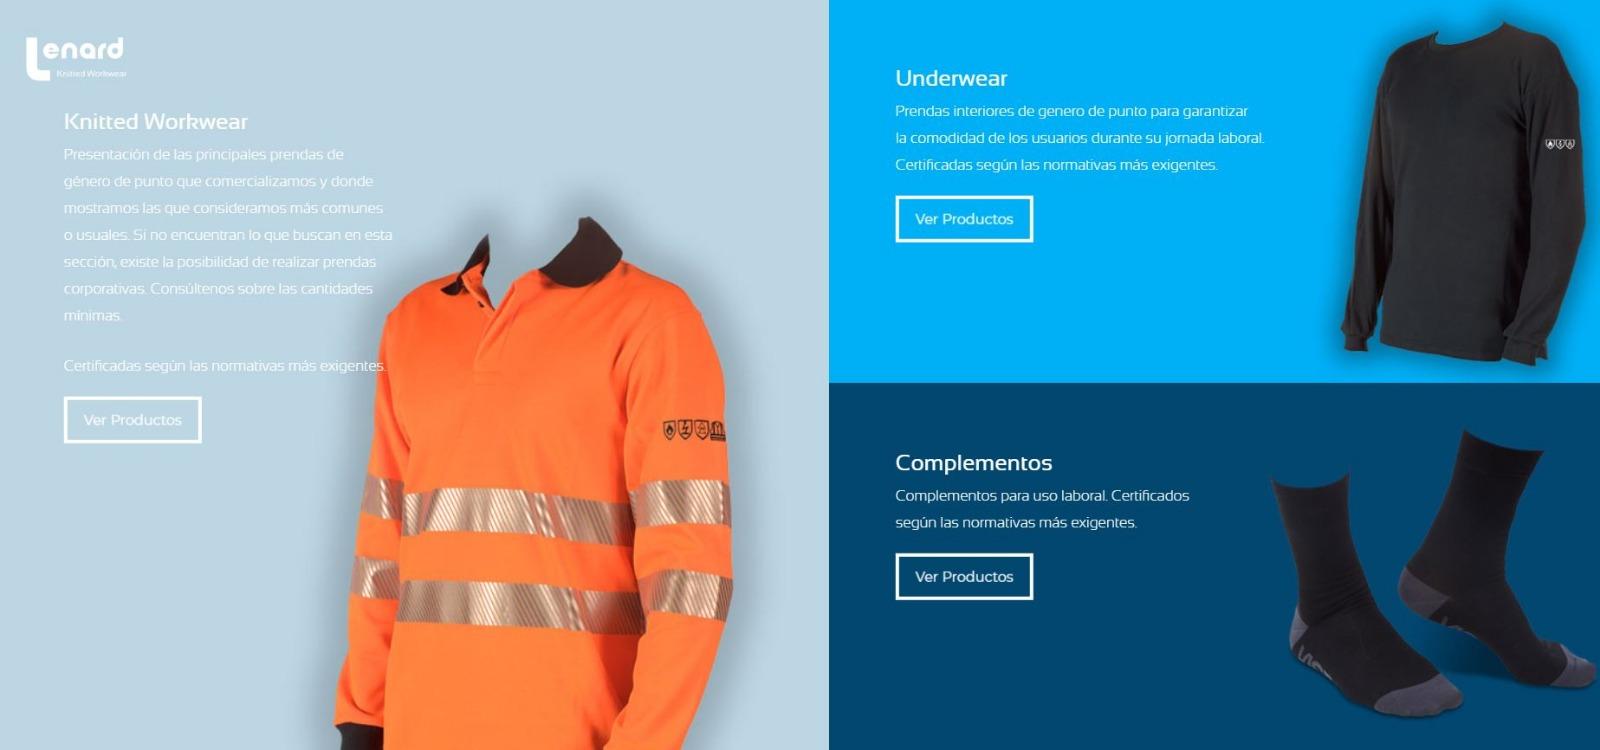 Lenard amplía su gama con una colección de prendas de punto para la proteccion laboral